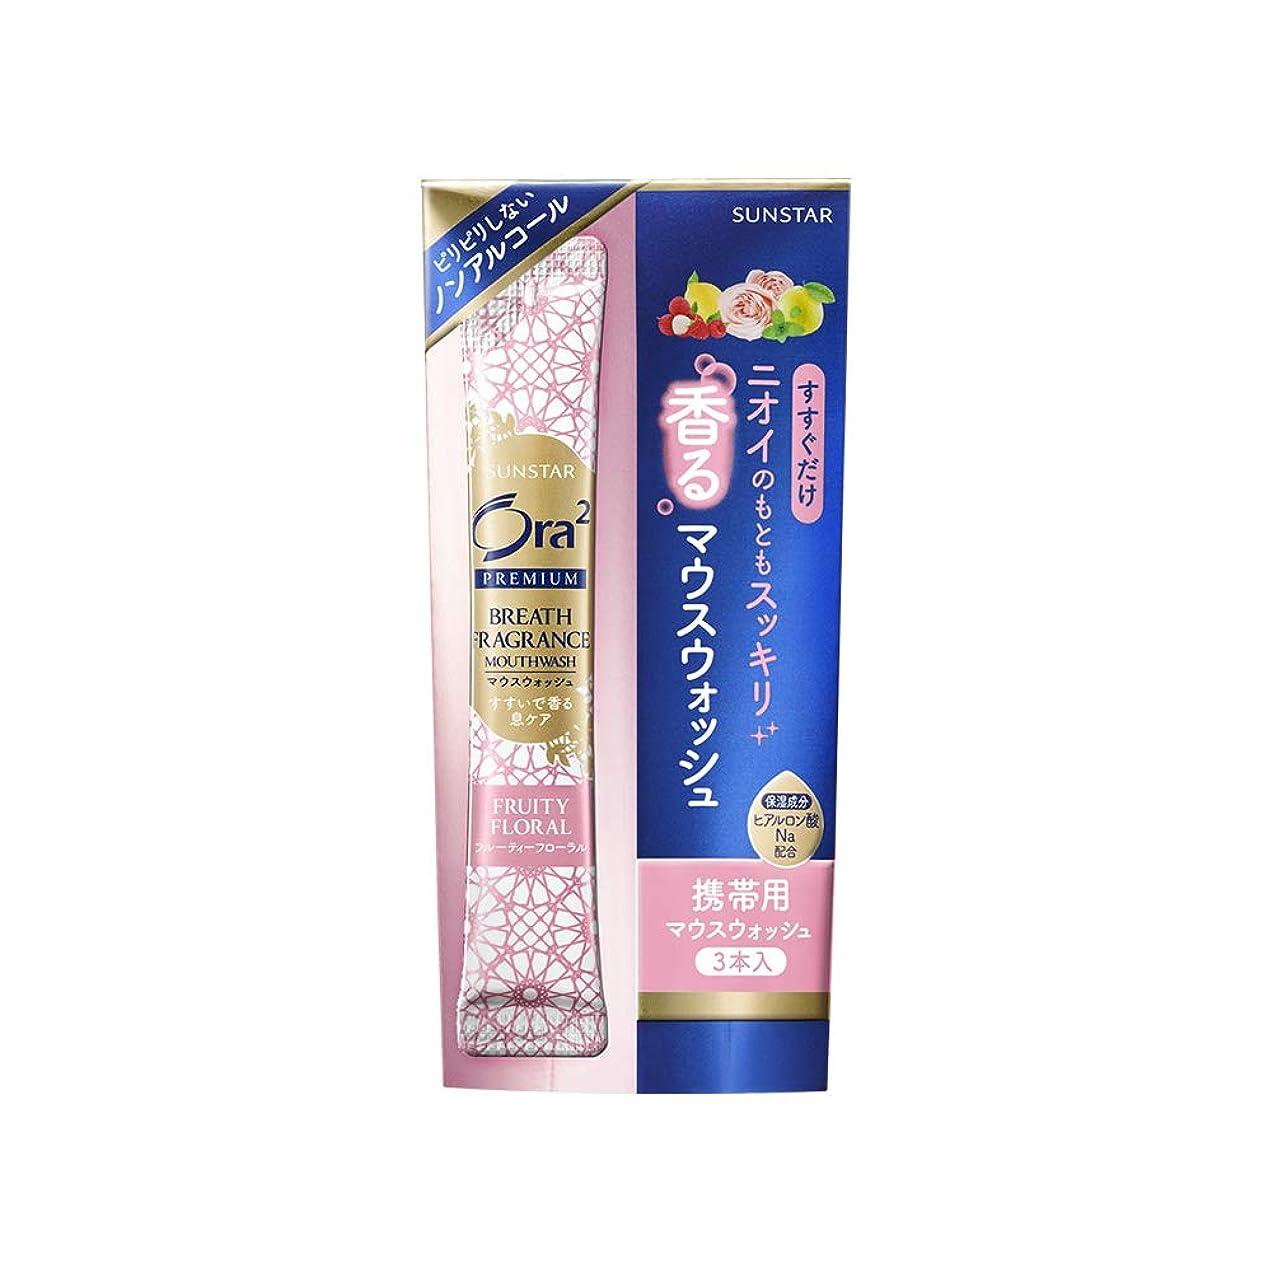 口実確保する退院Ora2(オーラツー) プレミアム マウスウォッシュ ブレスフレグランス 洗口液 [フルーティーフローラル] トラベル用